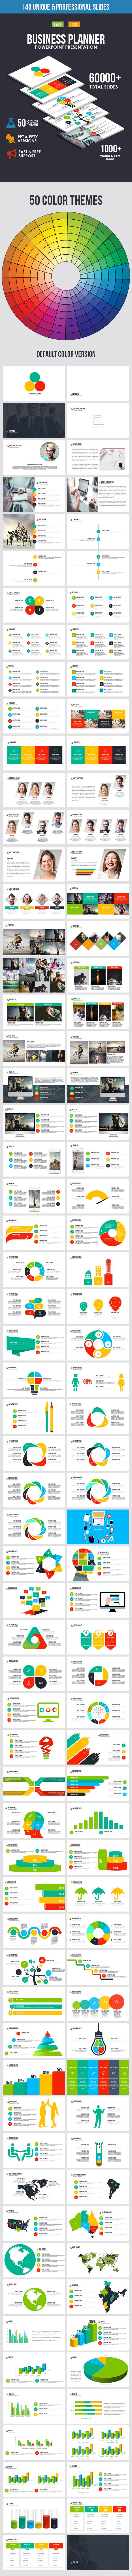 Business Planner Powerpoint Presentation Template - Business PowerPoint Templates